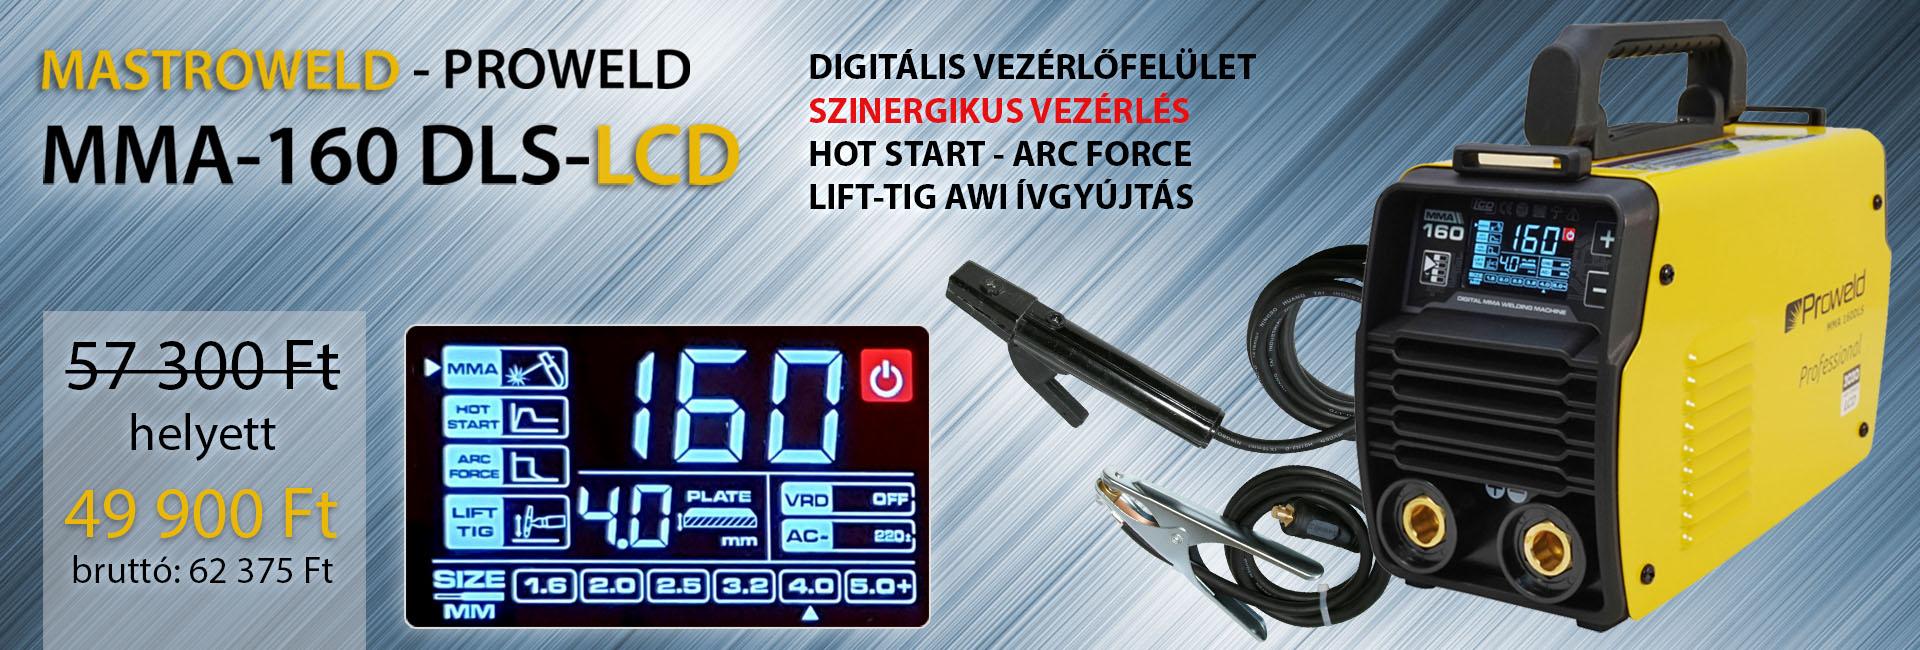 MMA-160 DLS-LCD